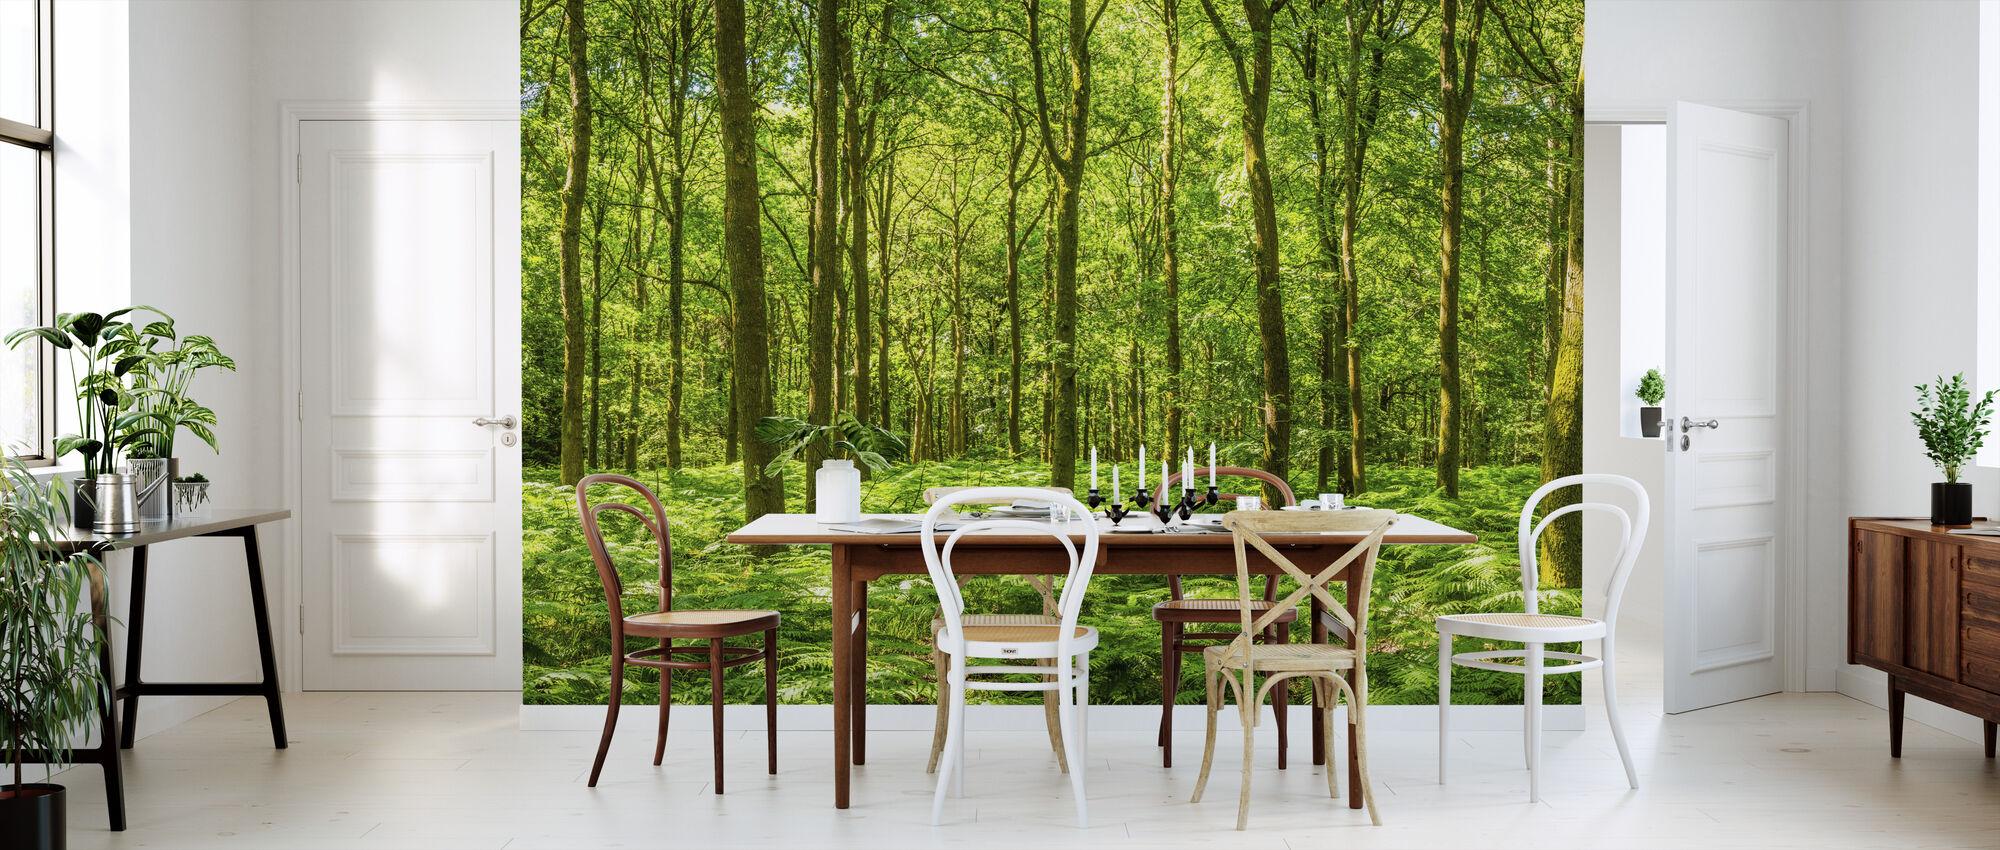 Warming Green Forest - Wallpaper - Kitchen